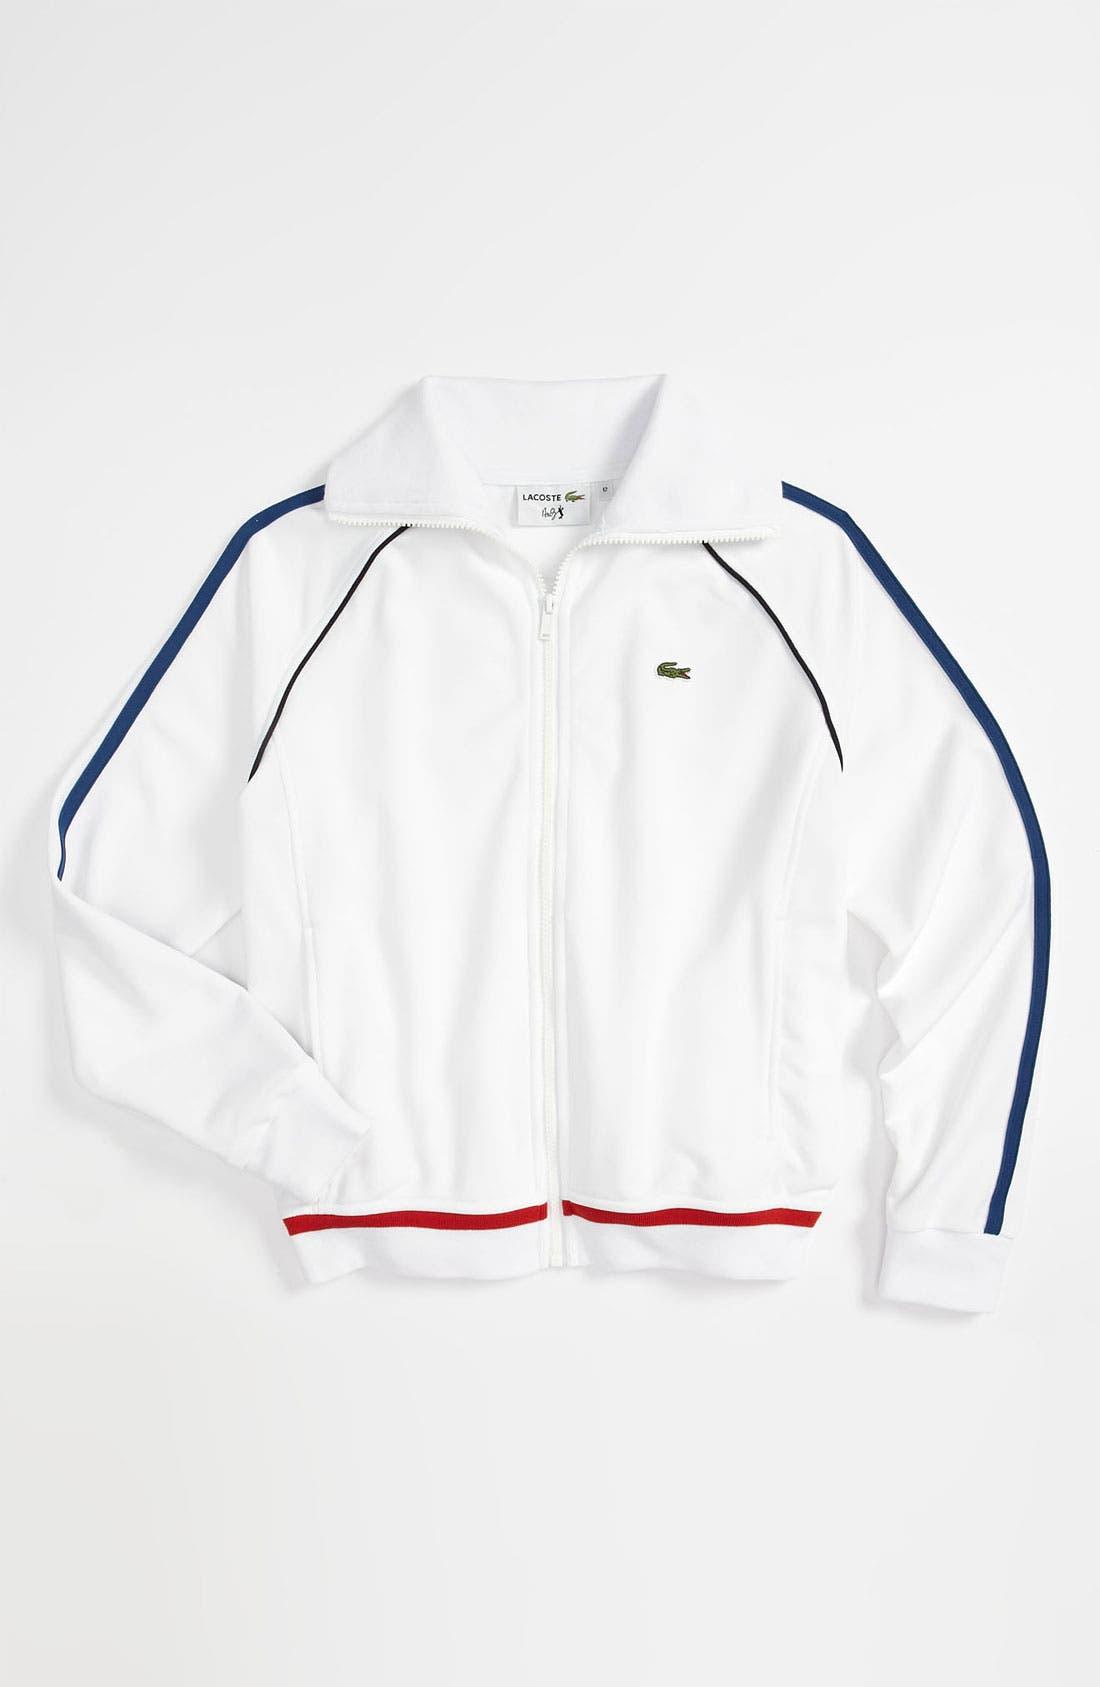 Main Image - Lacoste Track Jacket  (Big Boys)